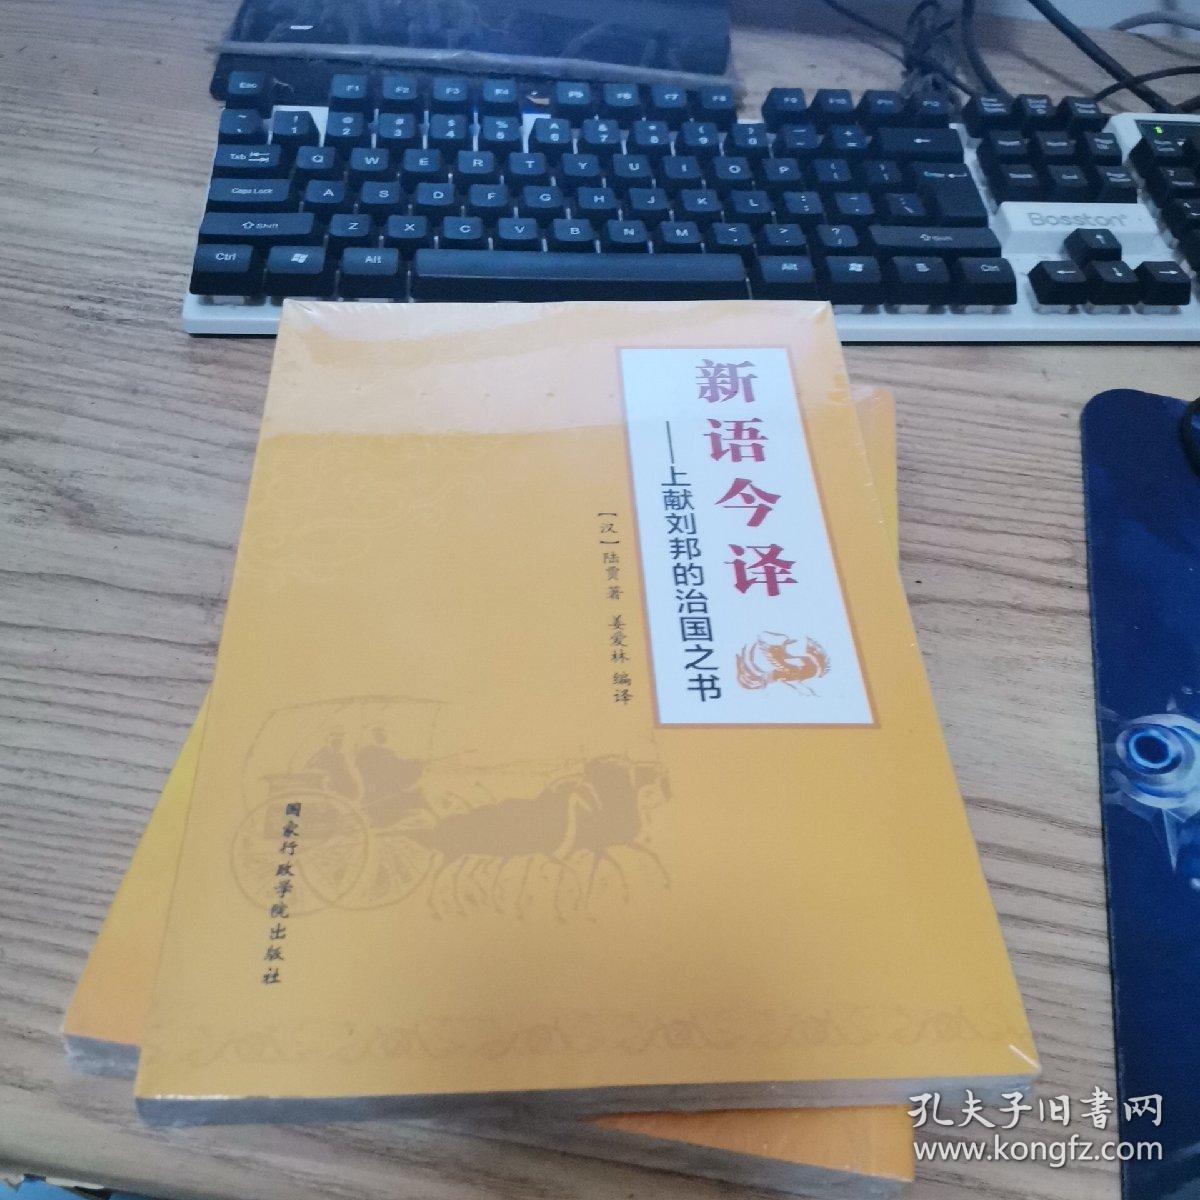 新语今译:上献刘邦的治国之书